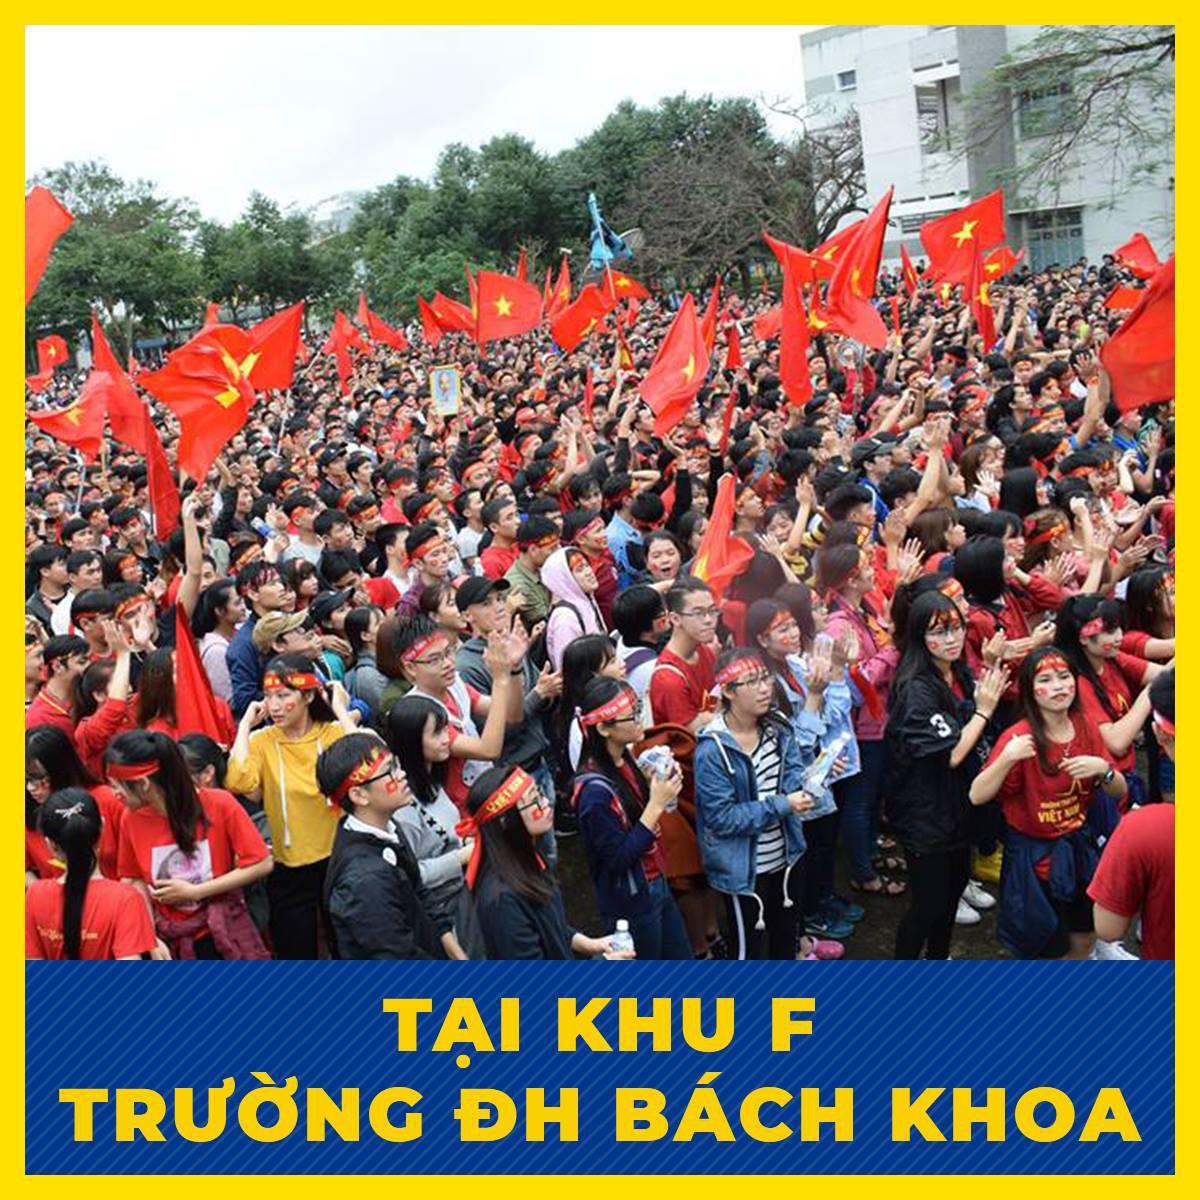 Offline hàng loạt trường Đại học lớn nhất nước, sẵn sàng cháy hết mình cùng đội tuyển Việt Nam - Ảnh 4.